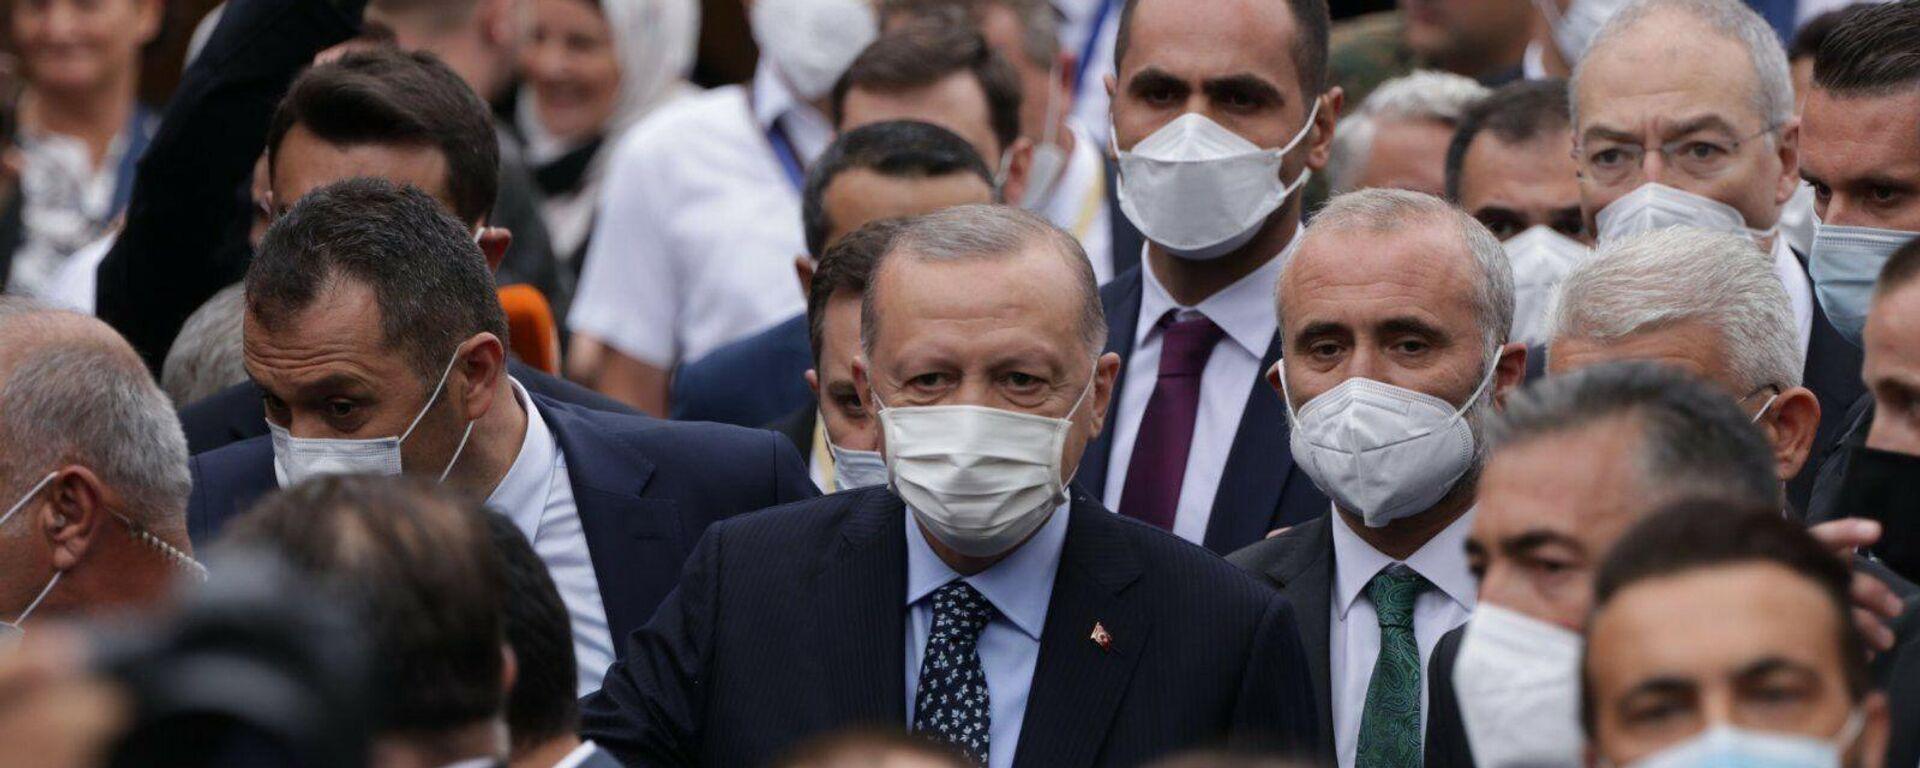 Turski predsednik Redžep Tajip Erdogan u Sarajevu - Sputnik Srbija, 1920, 27.08.2021